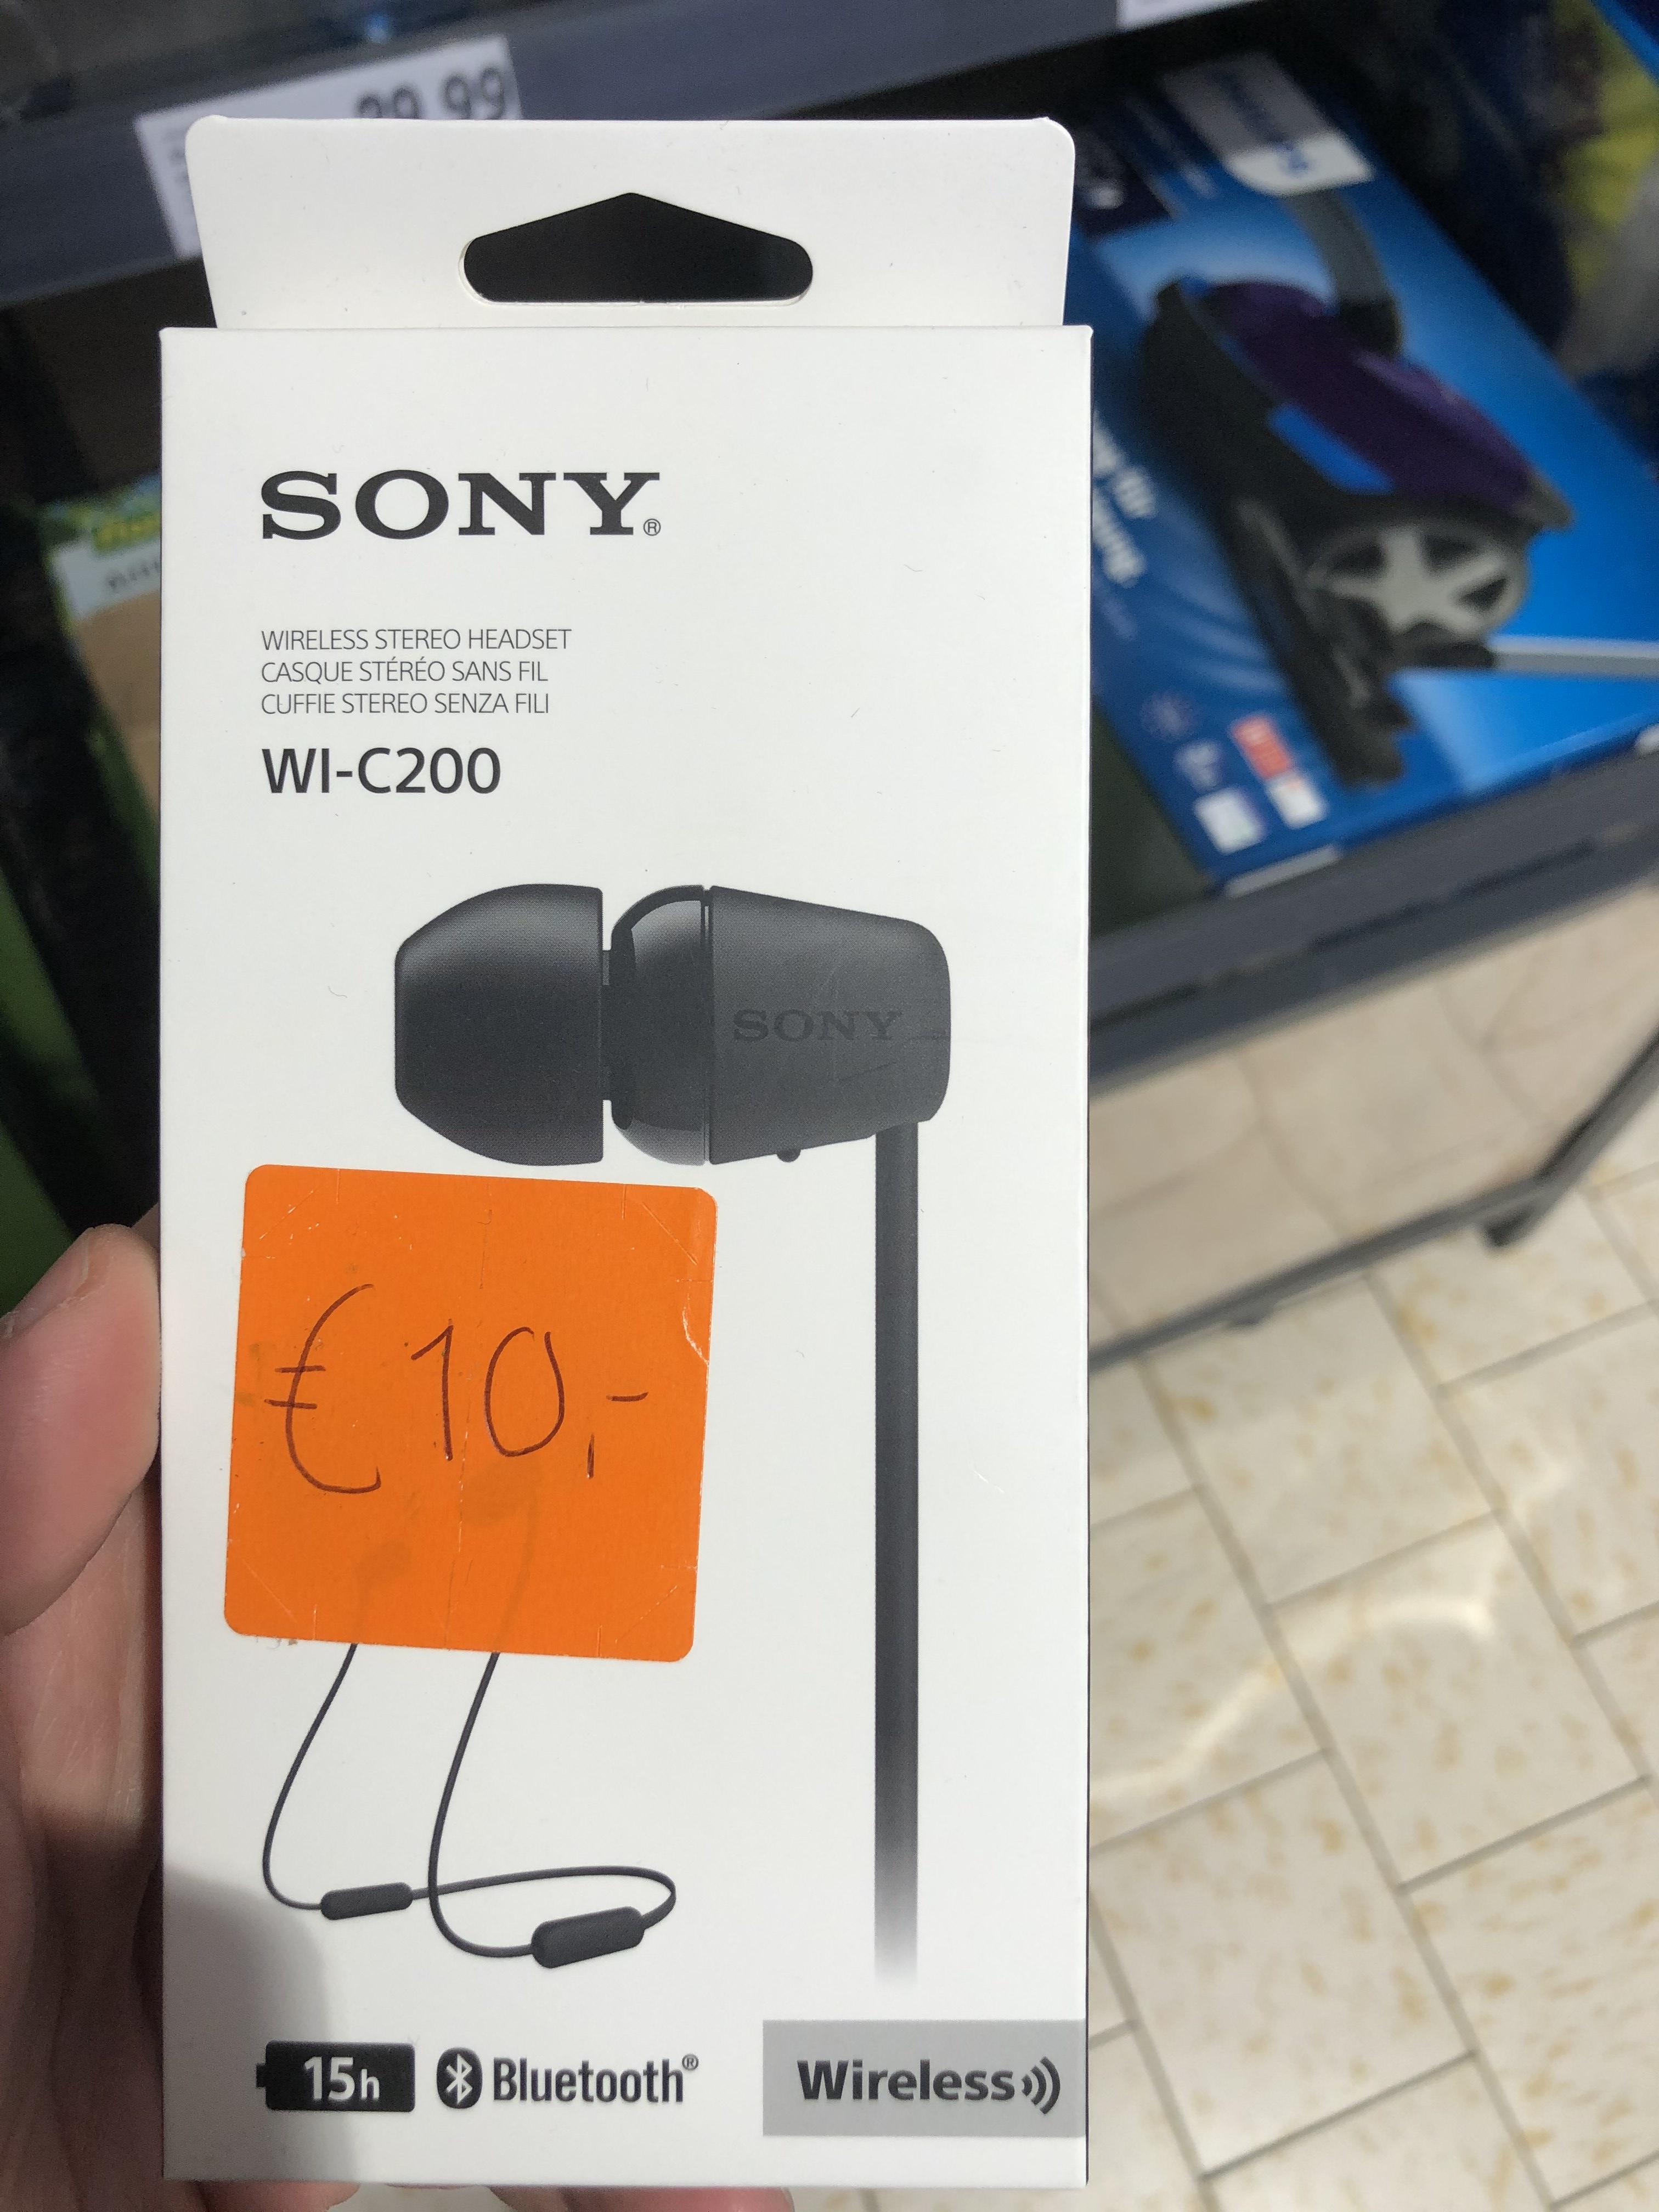 [Lokaal] Sony WI-C200 Wireless Headset -Lidl